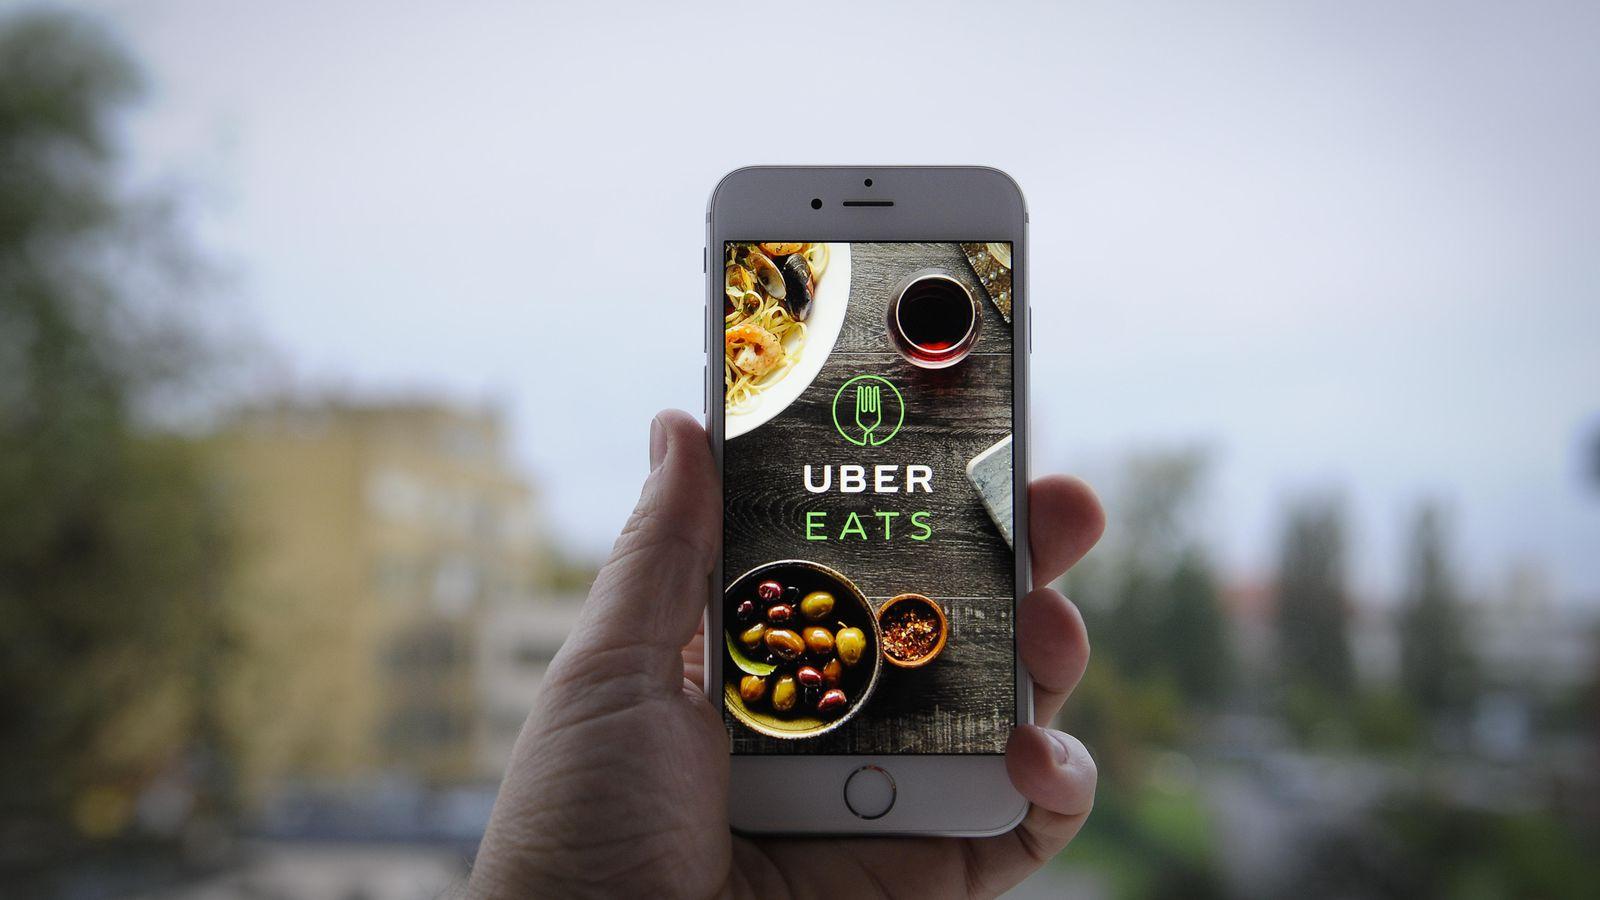 Uber'in Abonelik Tabanlı Yemek Teslimat Servisi: Uber Eats Pass